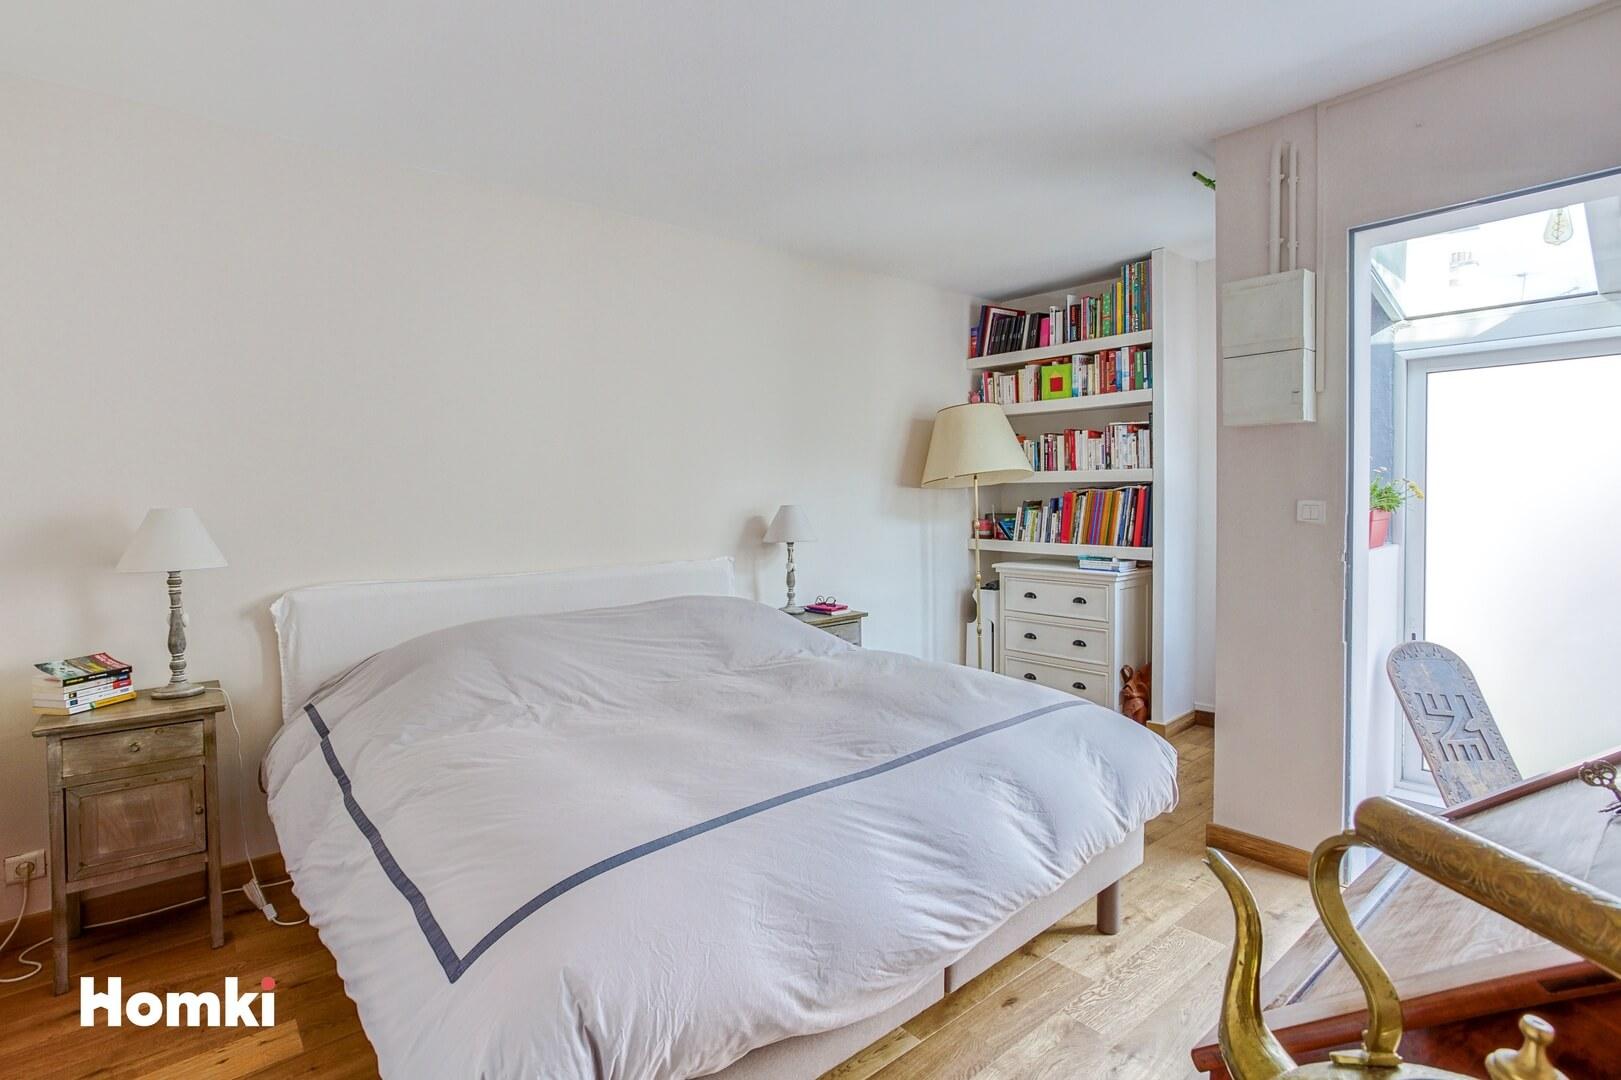 Homki - Vente Maison/villa  de 114.0 m² à Marseille 13006